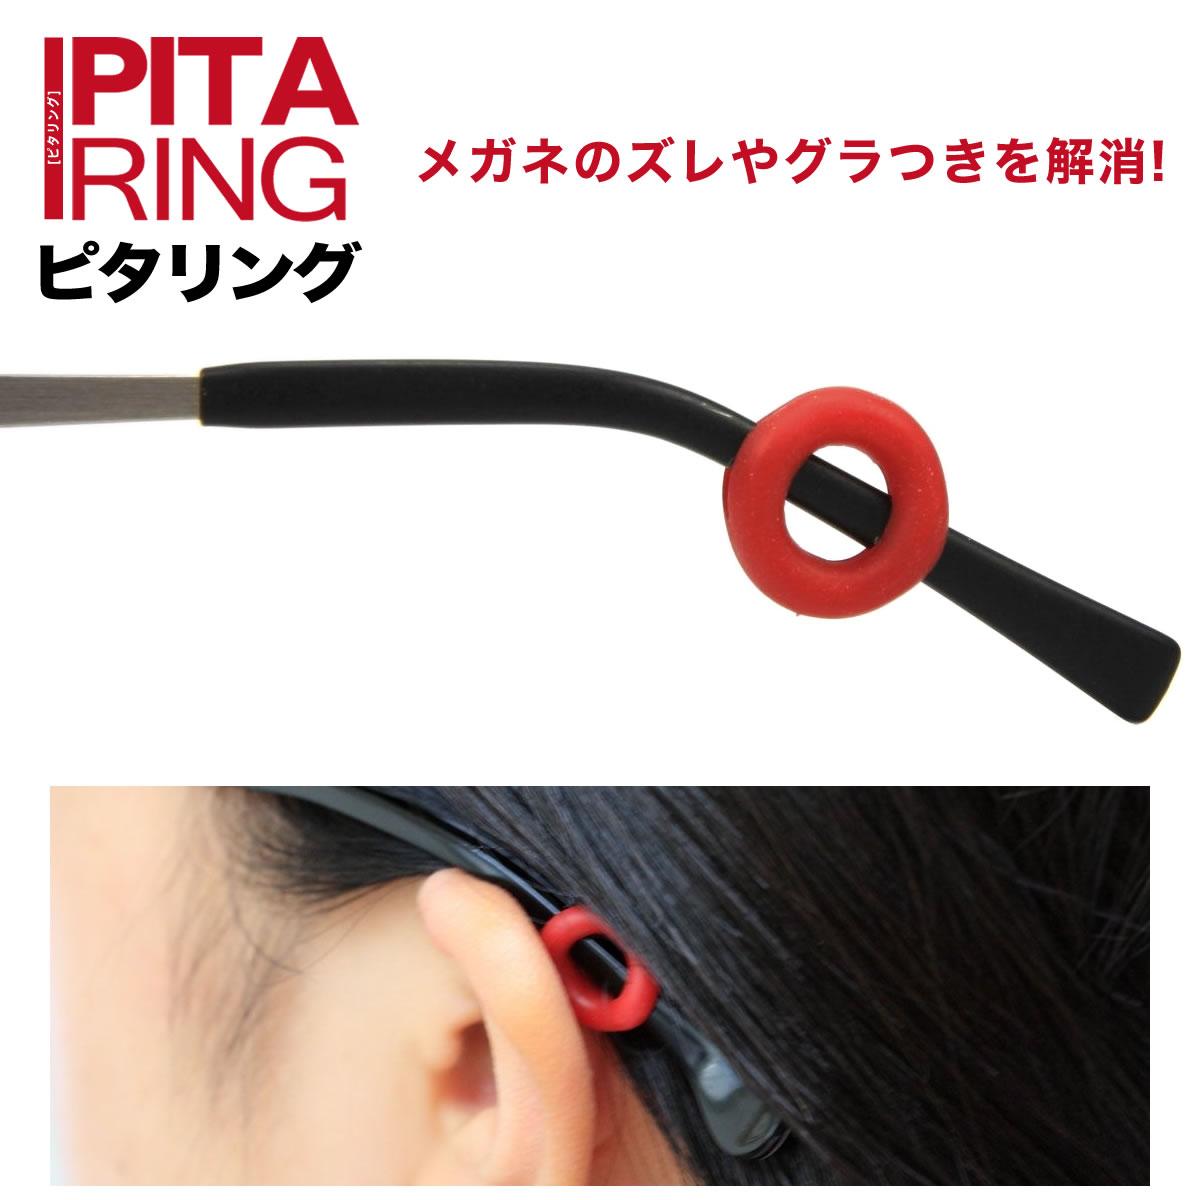 買物 倉庫 メール便:4個まで メガネのズレ防止に ピタリング ACC RING PITA